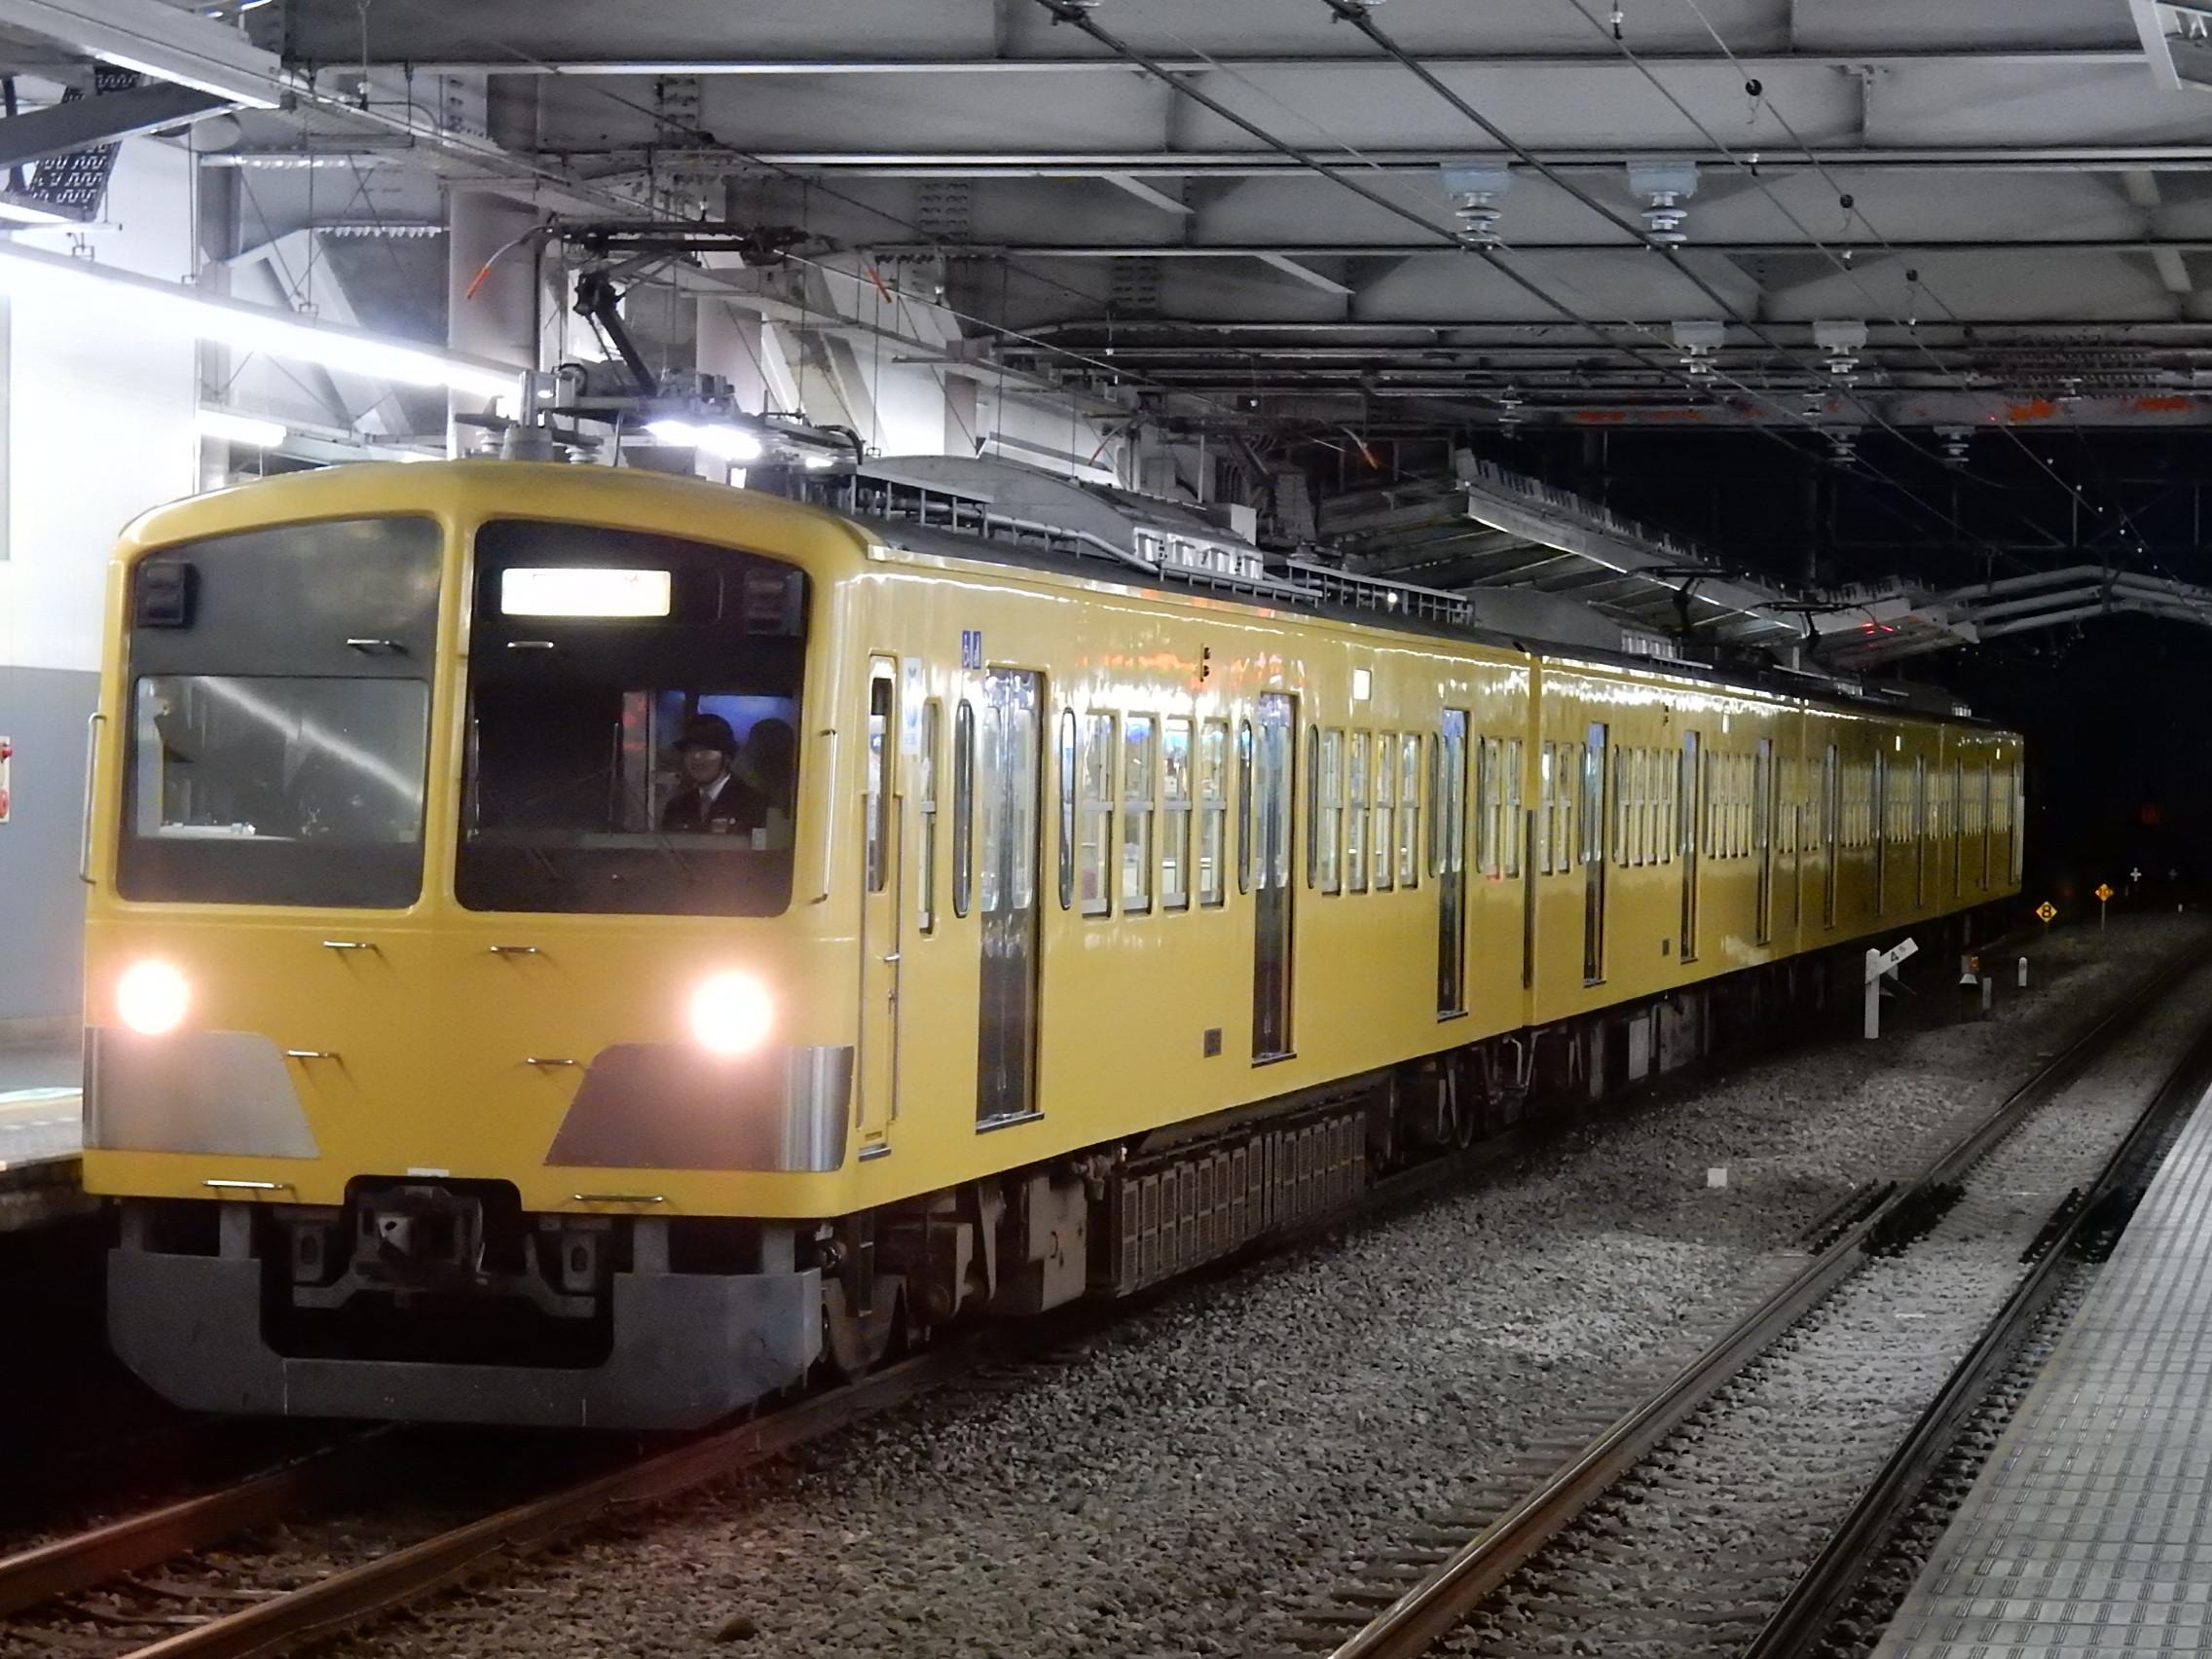 DSCN9493.jpg